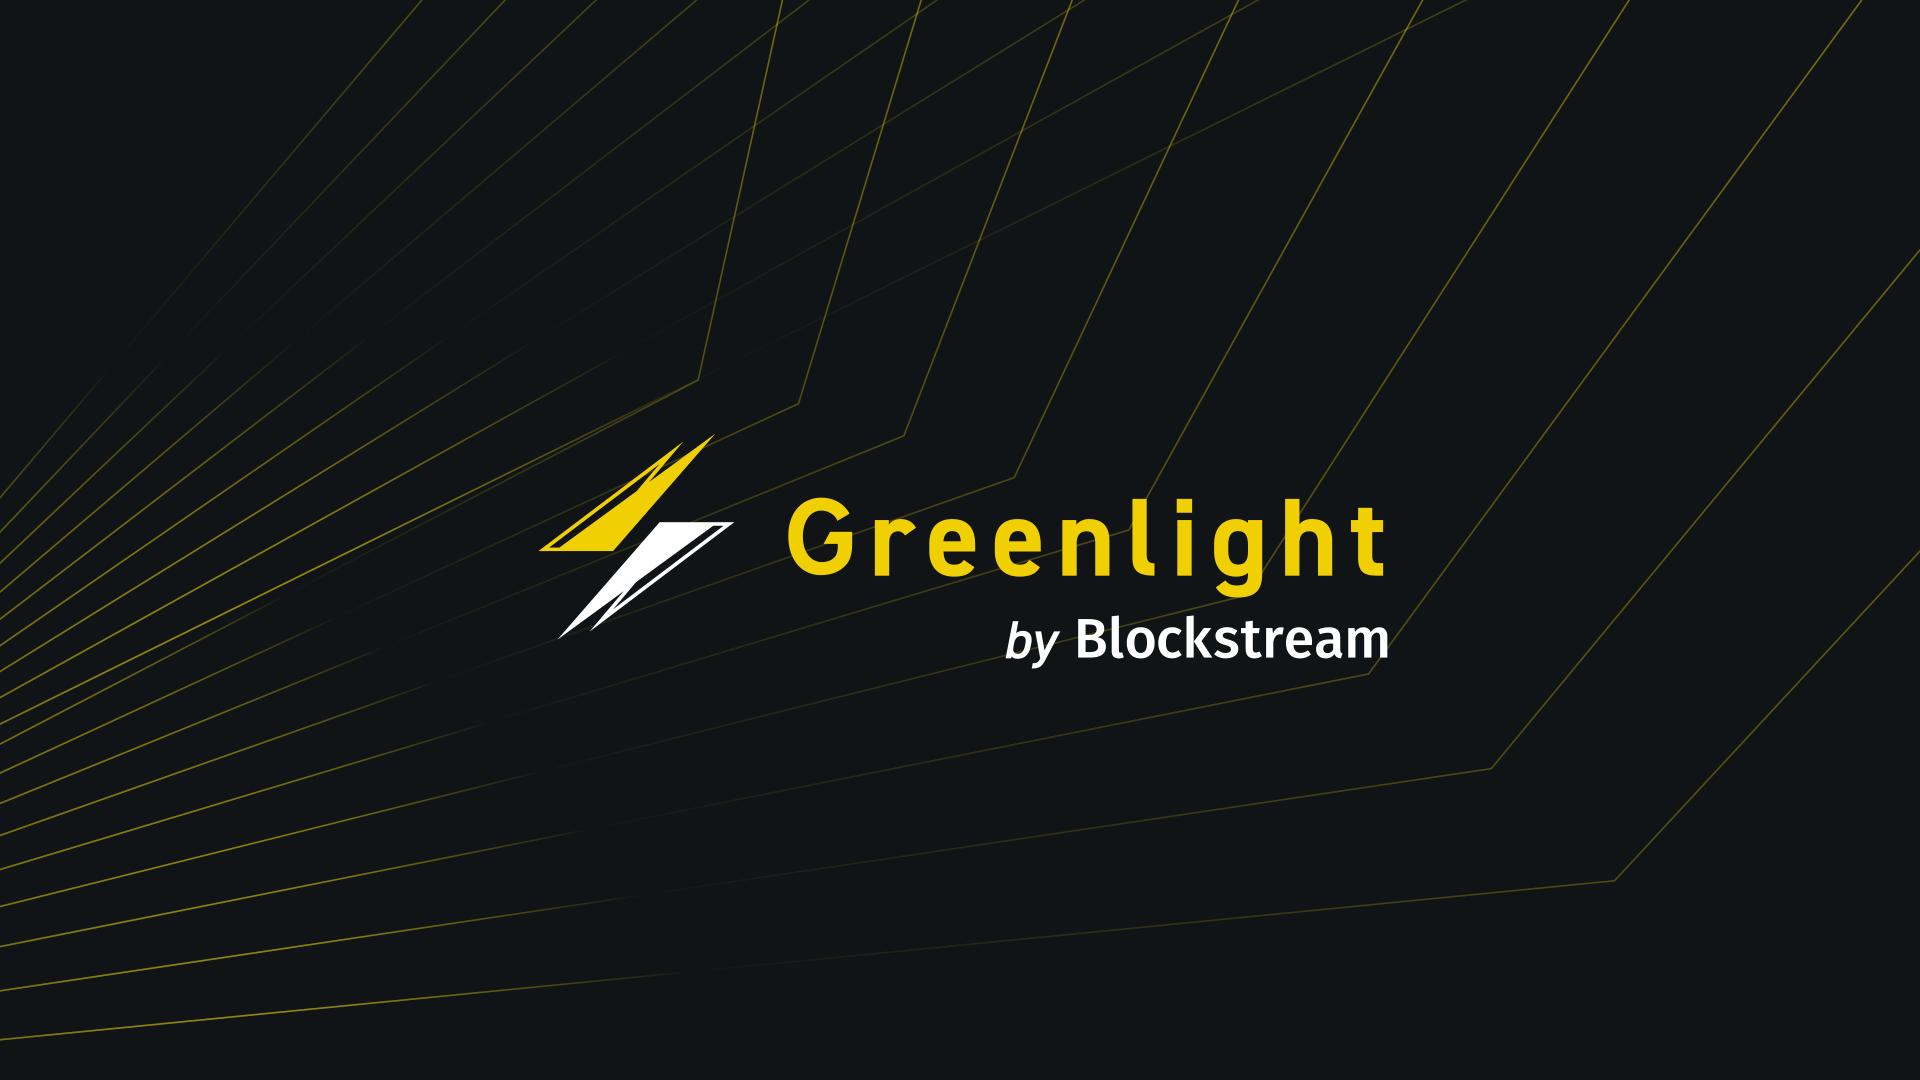 Greenlight by Blockstream: Lightning Made Easy